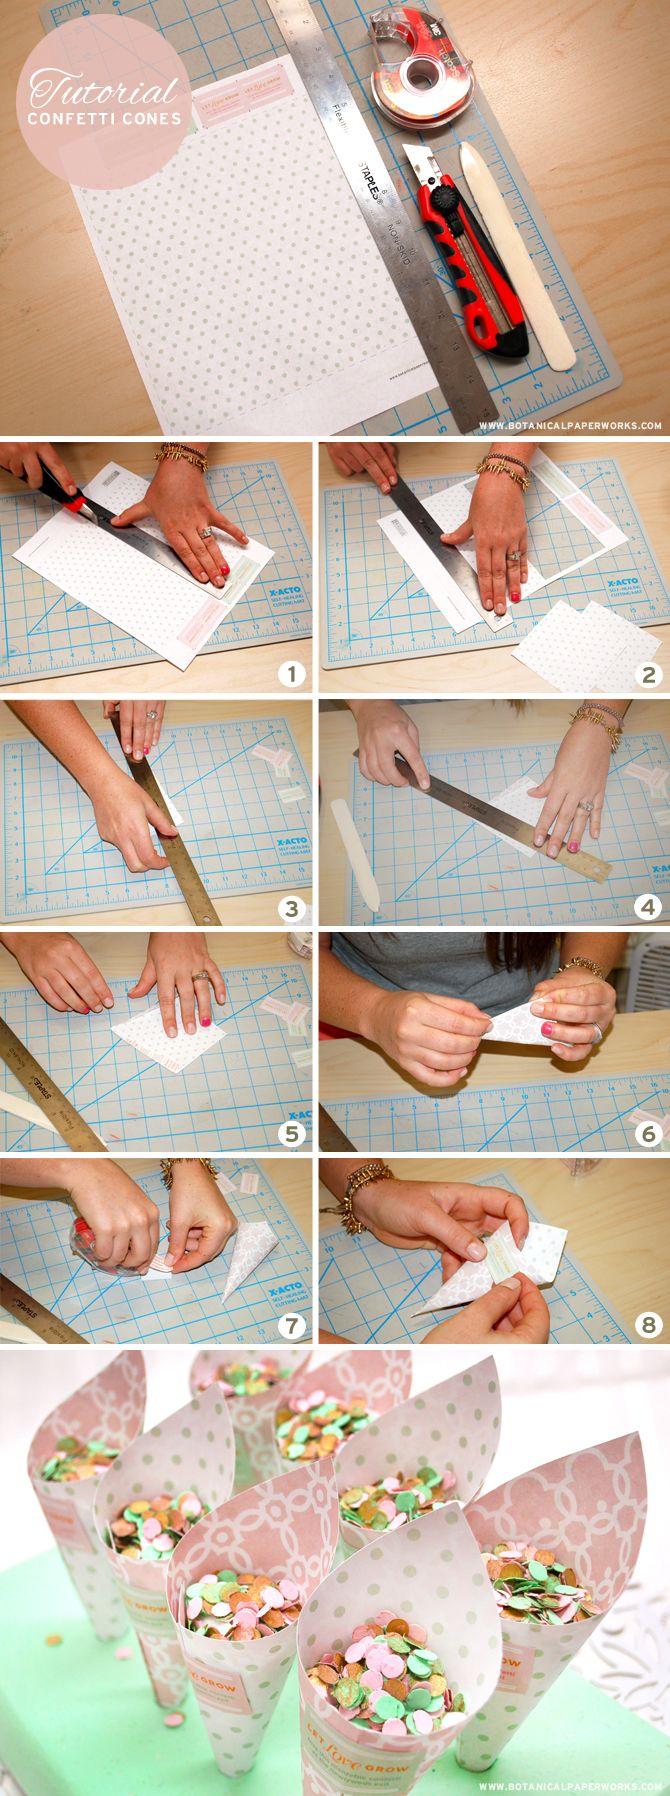 これらは、結婚式のために、このような素晴らしいアイデアです! 植物PaperWorksからのこれらの無料の印刷可能な結婚式の紙吹雪のコーンは、このステップバイステップのチュートリアルを作るの愛らしい、簡単にできます。